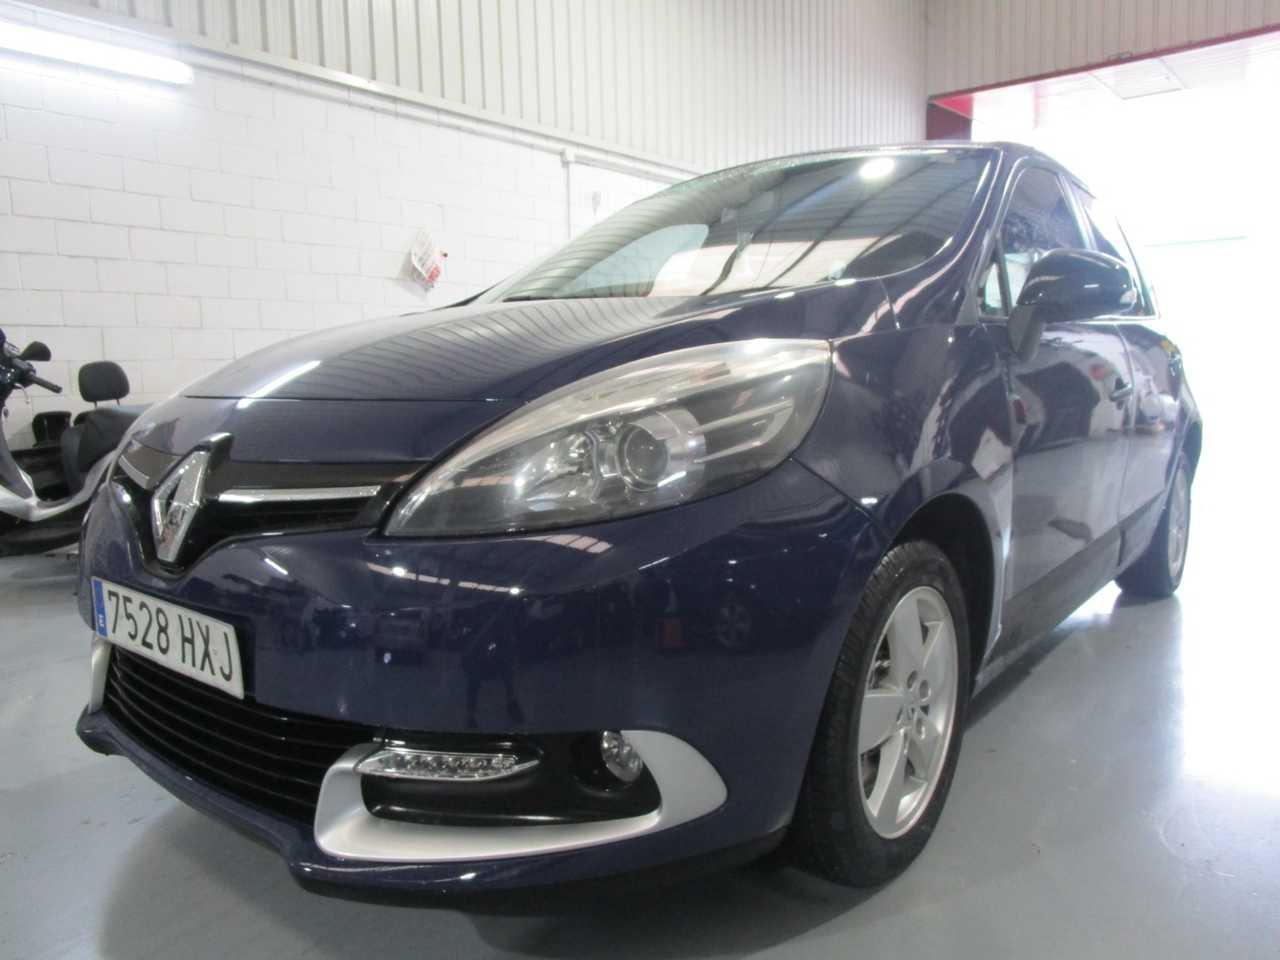 Renault Scénic EXPRESSION ENERGY TCE 122 CV UN SOLO PROPIETARIO, CERTIFICADO DE KM Y CARROCERIA   - Foto 1